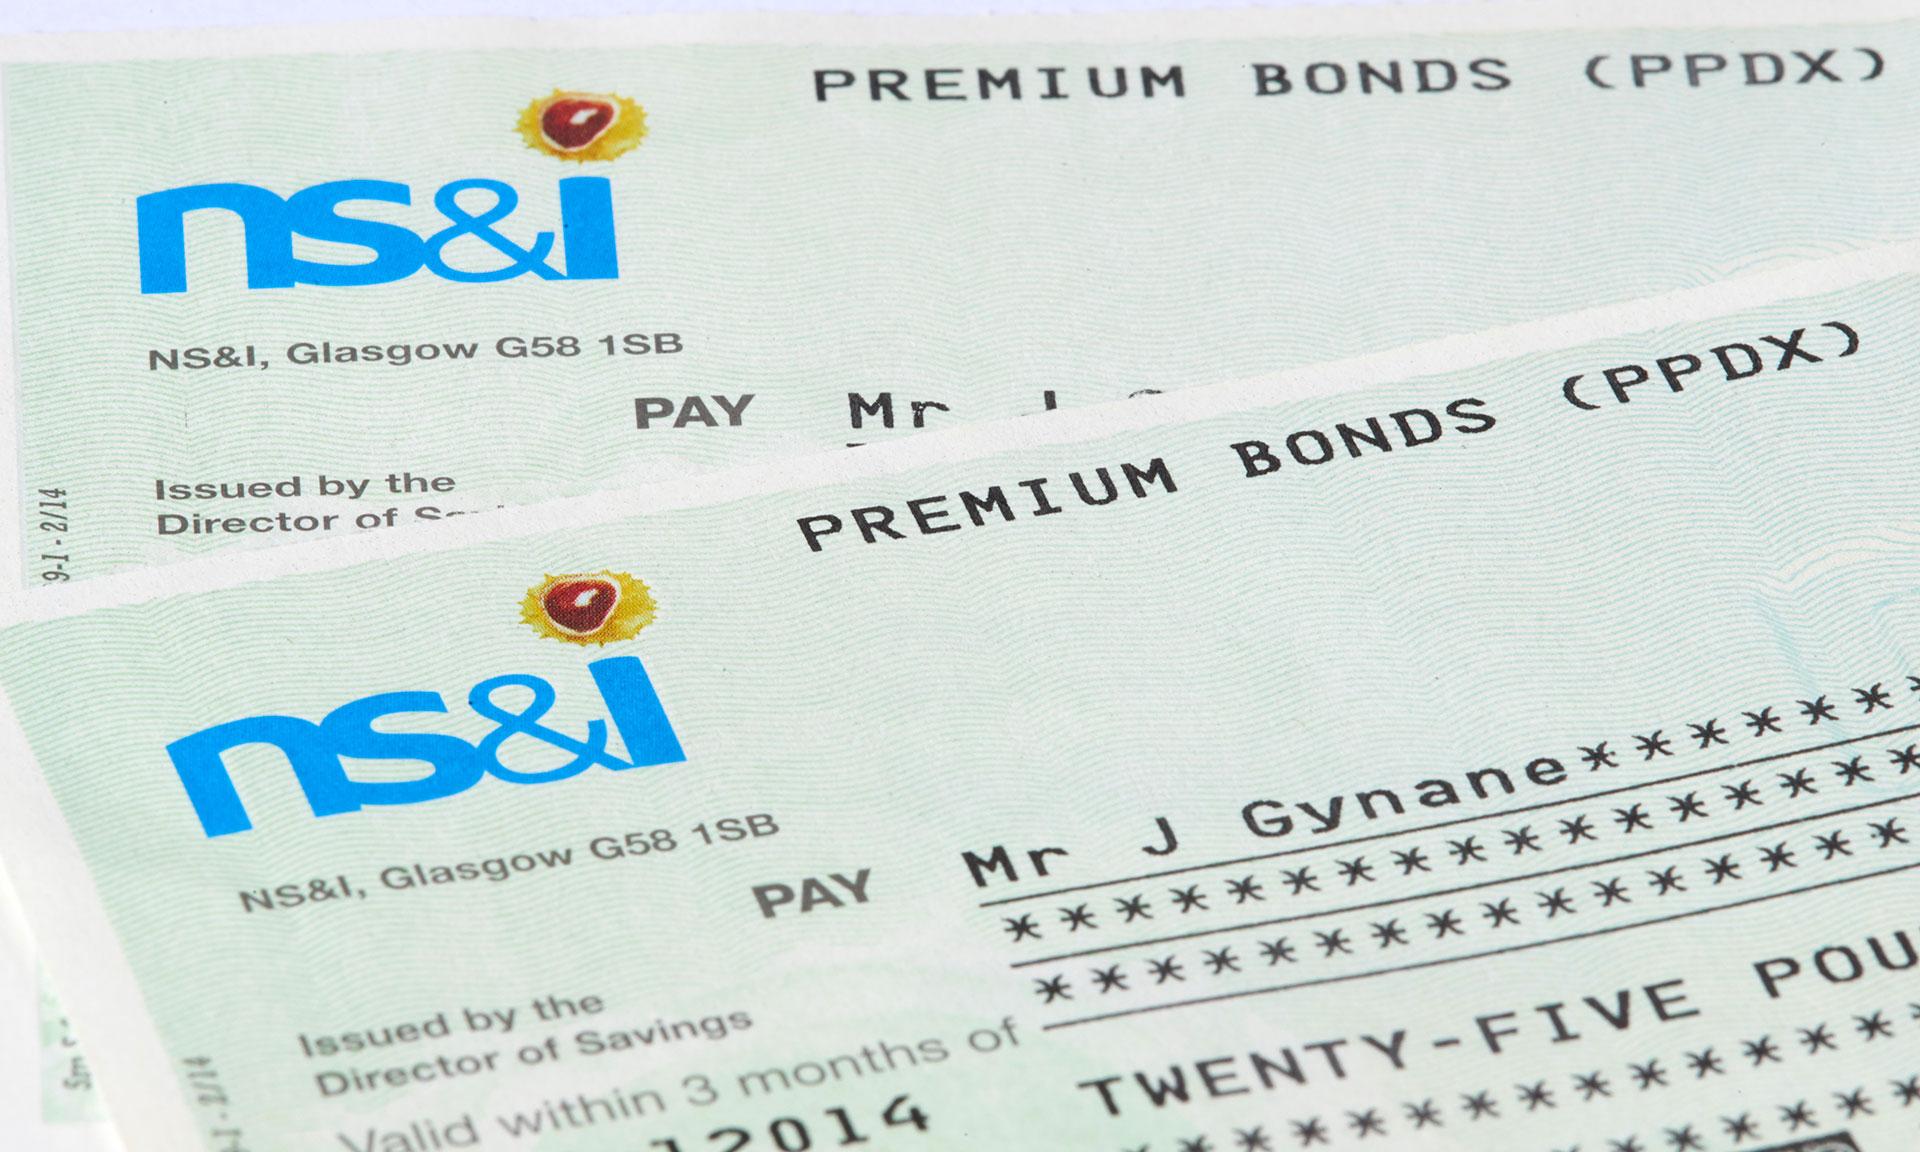 ns&i in 60 fund bonds